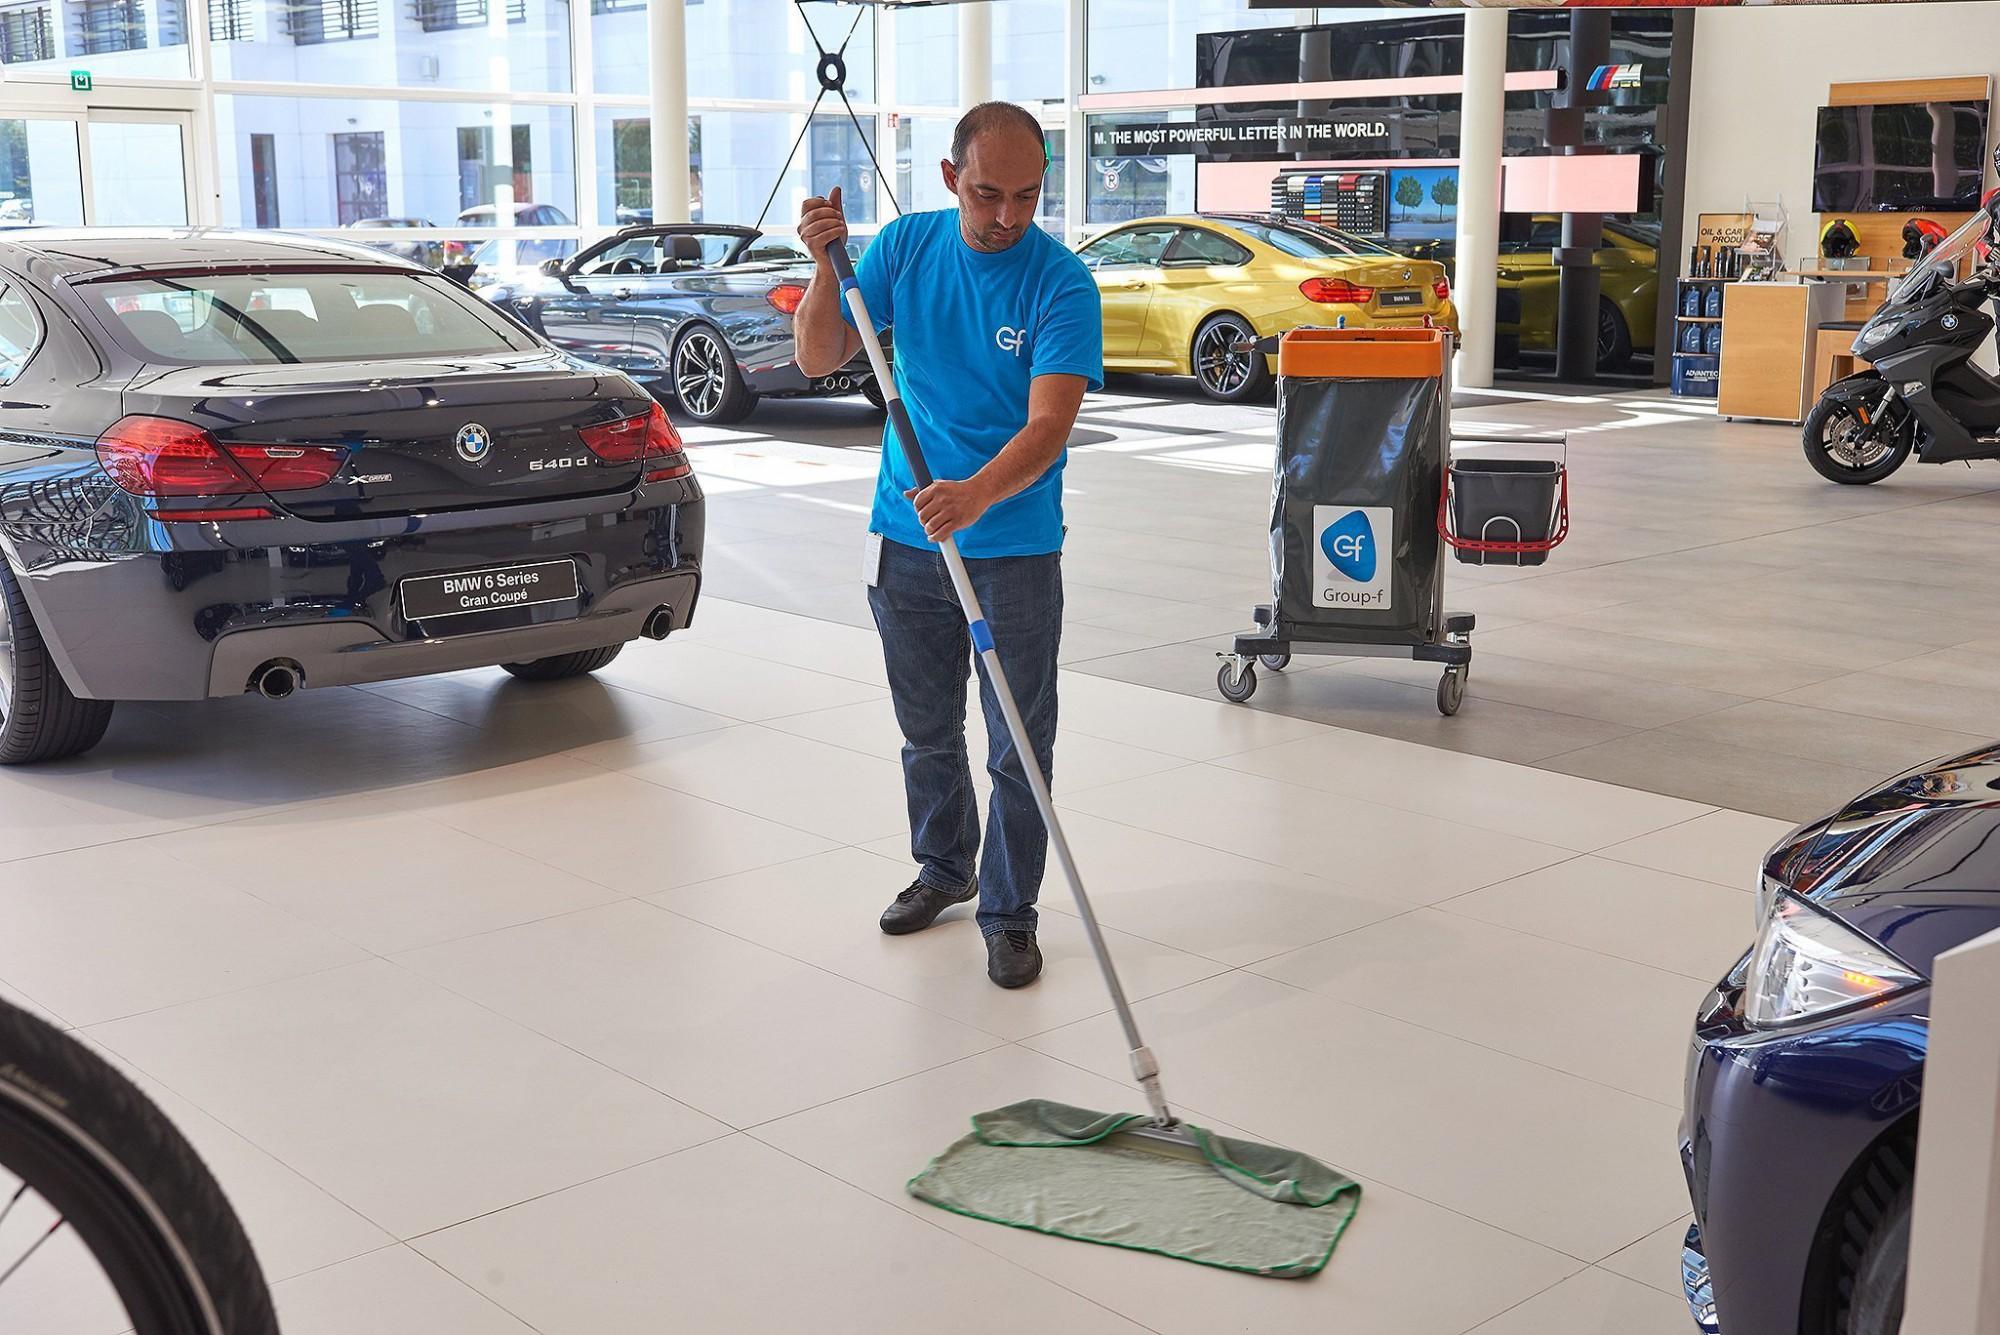 Afbeelding: Bedrijfsfotografie voor Group-F, poetsen van een auto-showroom.